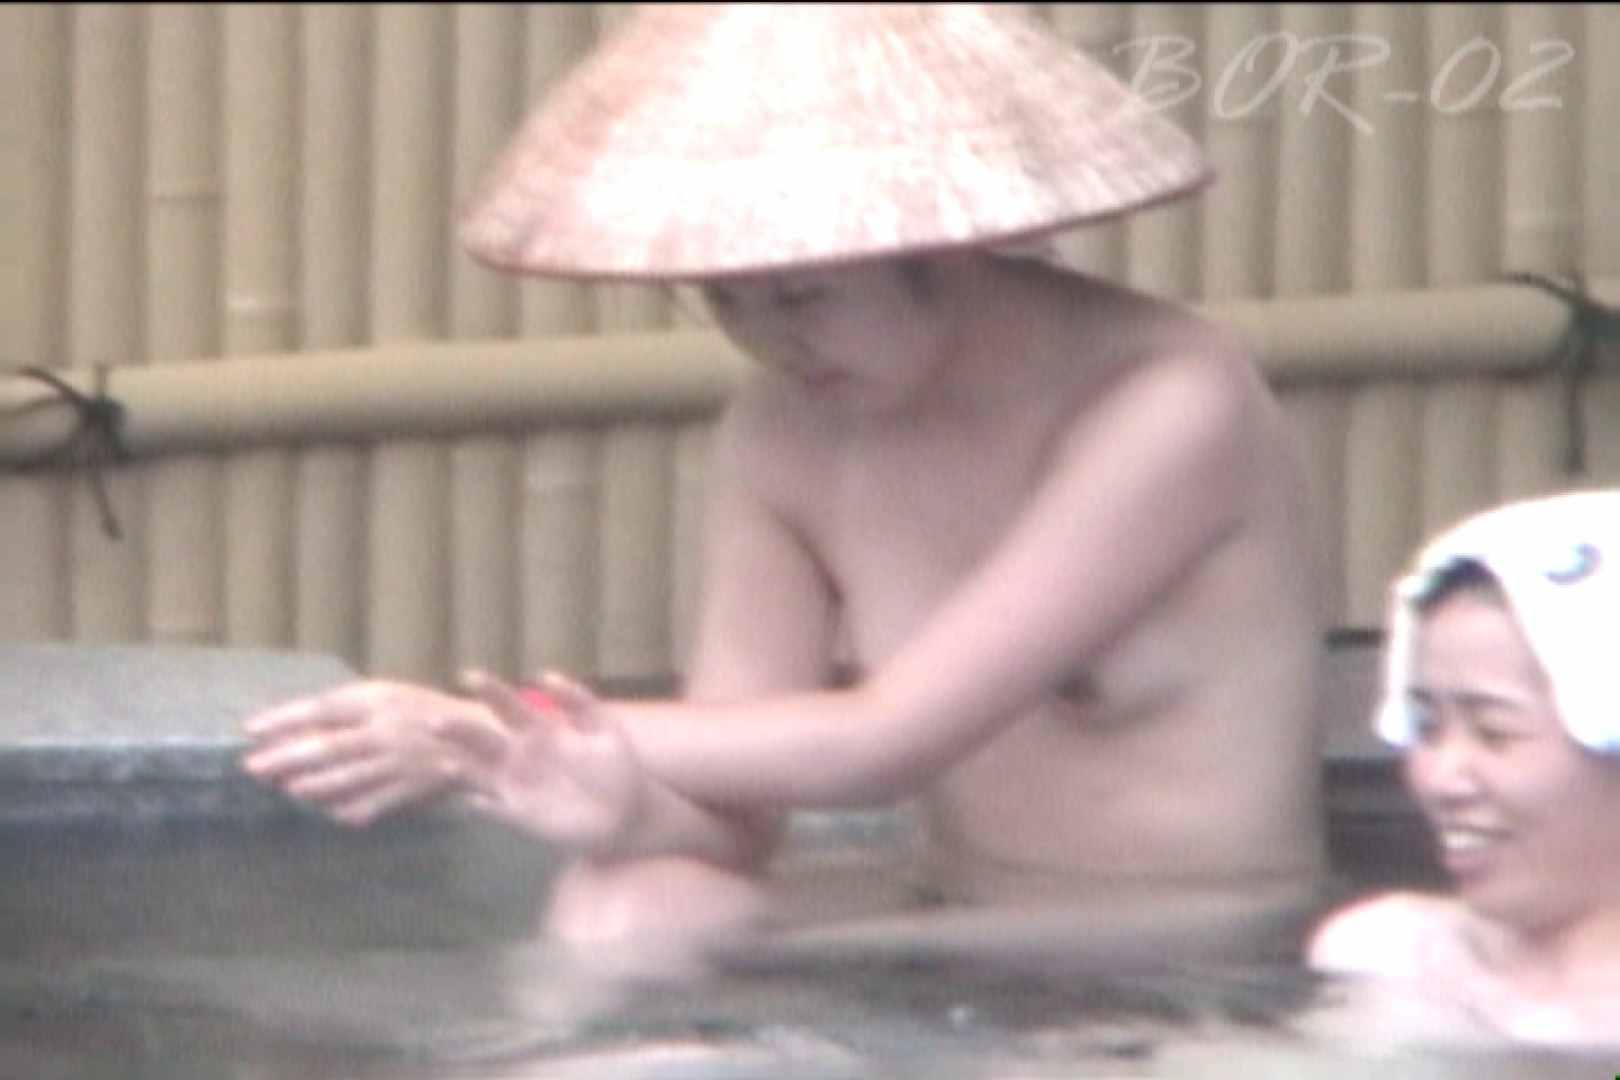 Aquaな露天風呂Vol.475 盗撮師作品   美しいOLの裸体  87pic 85